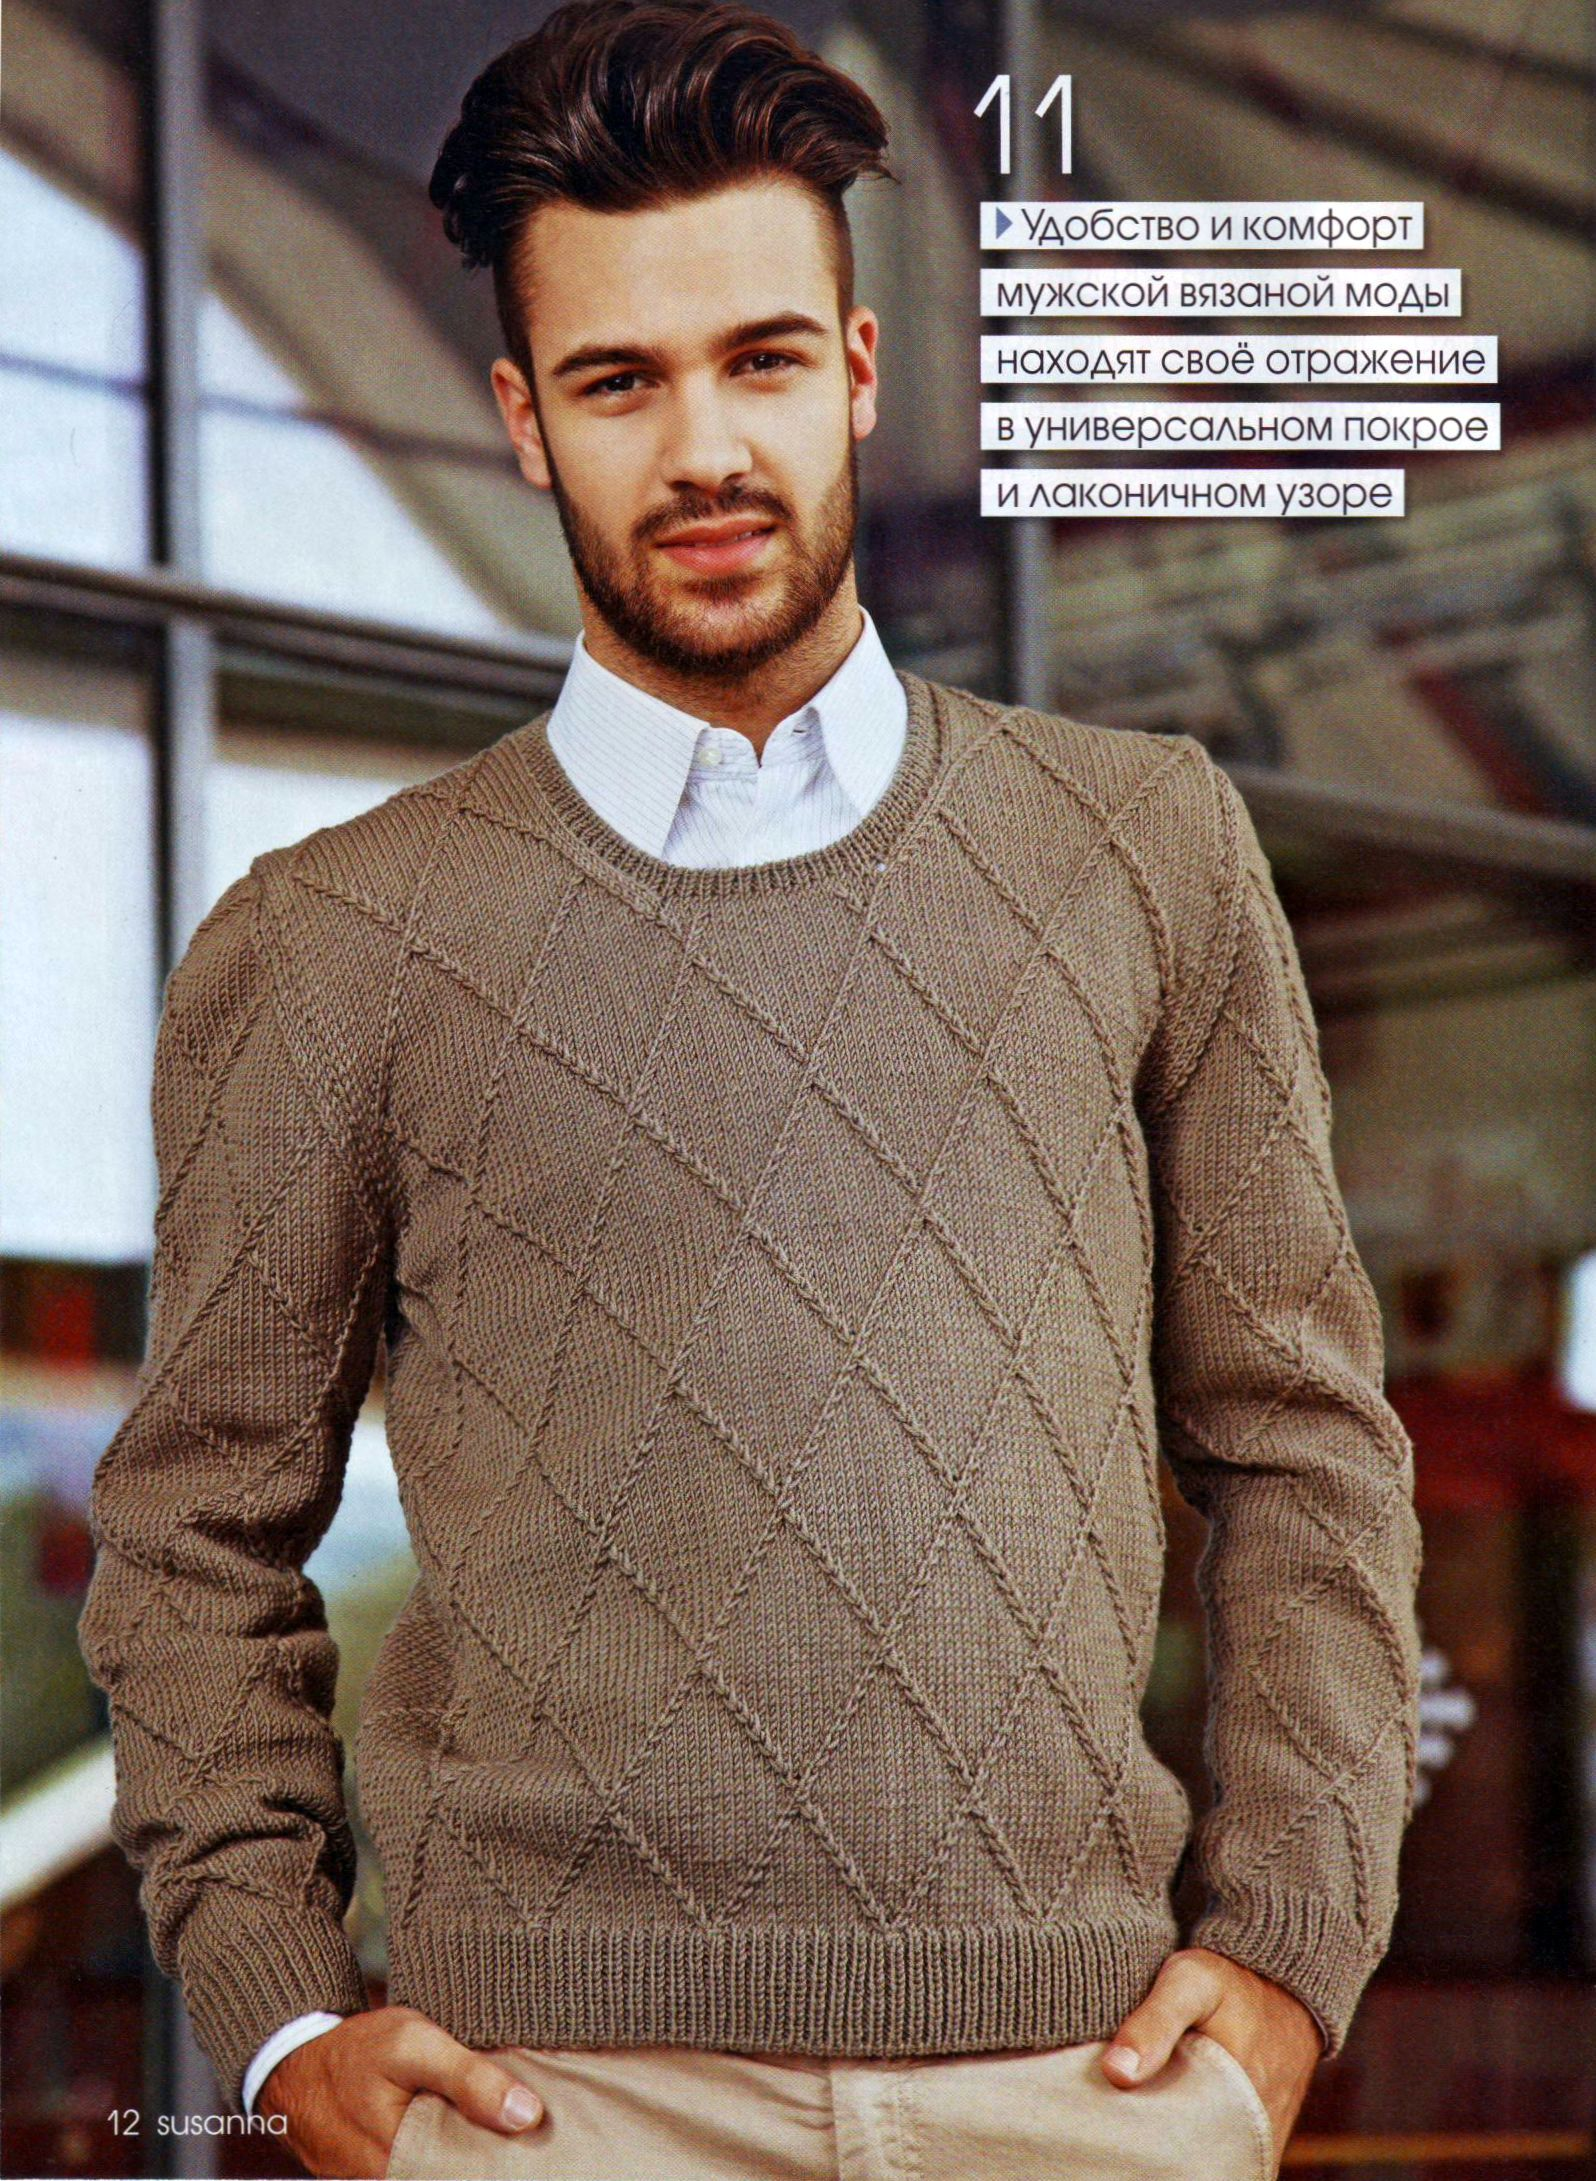 свитер мужской вязаный спицами схема 2013 весна